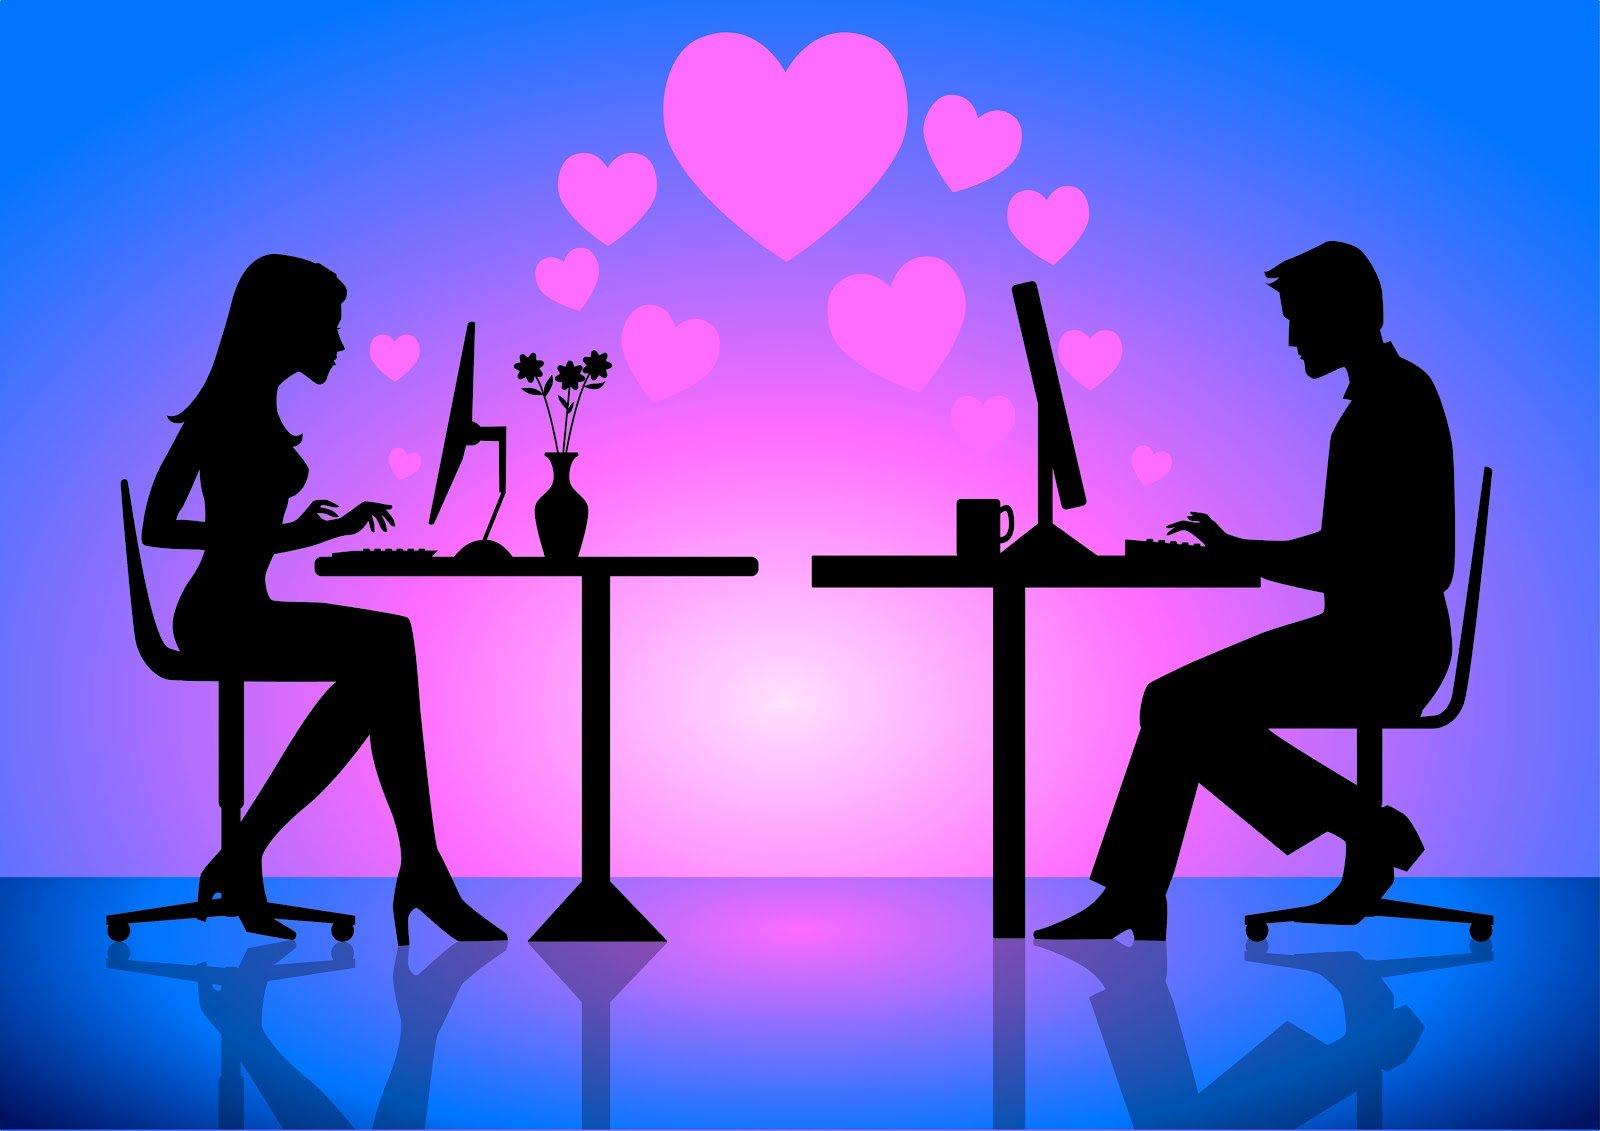 العلاقات عبر وسائل التواصل الاجتماعي 2 العلاقات عبر السوشيال ميديا و مخاطرها على المجتمع